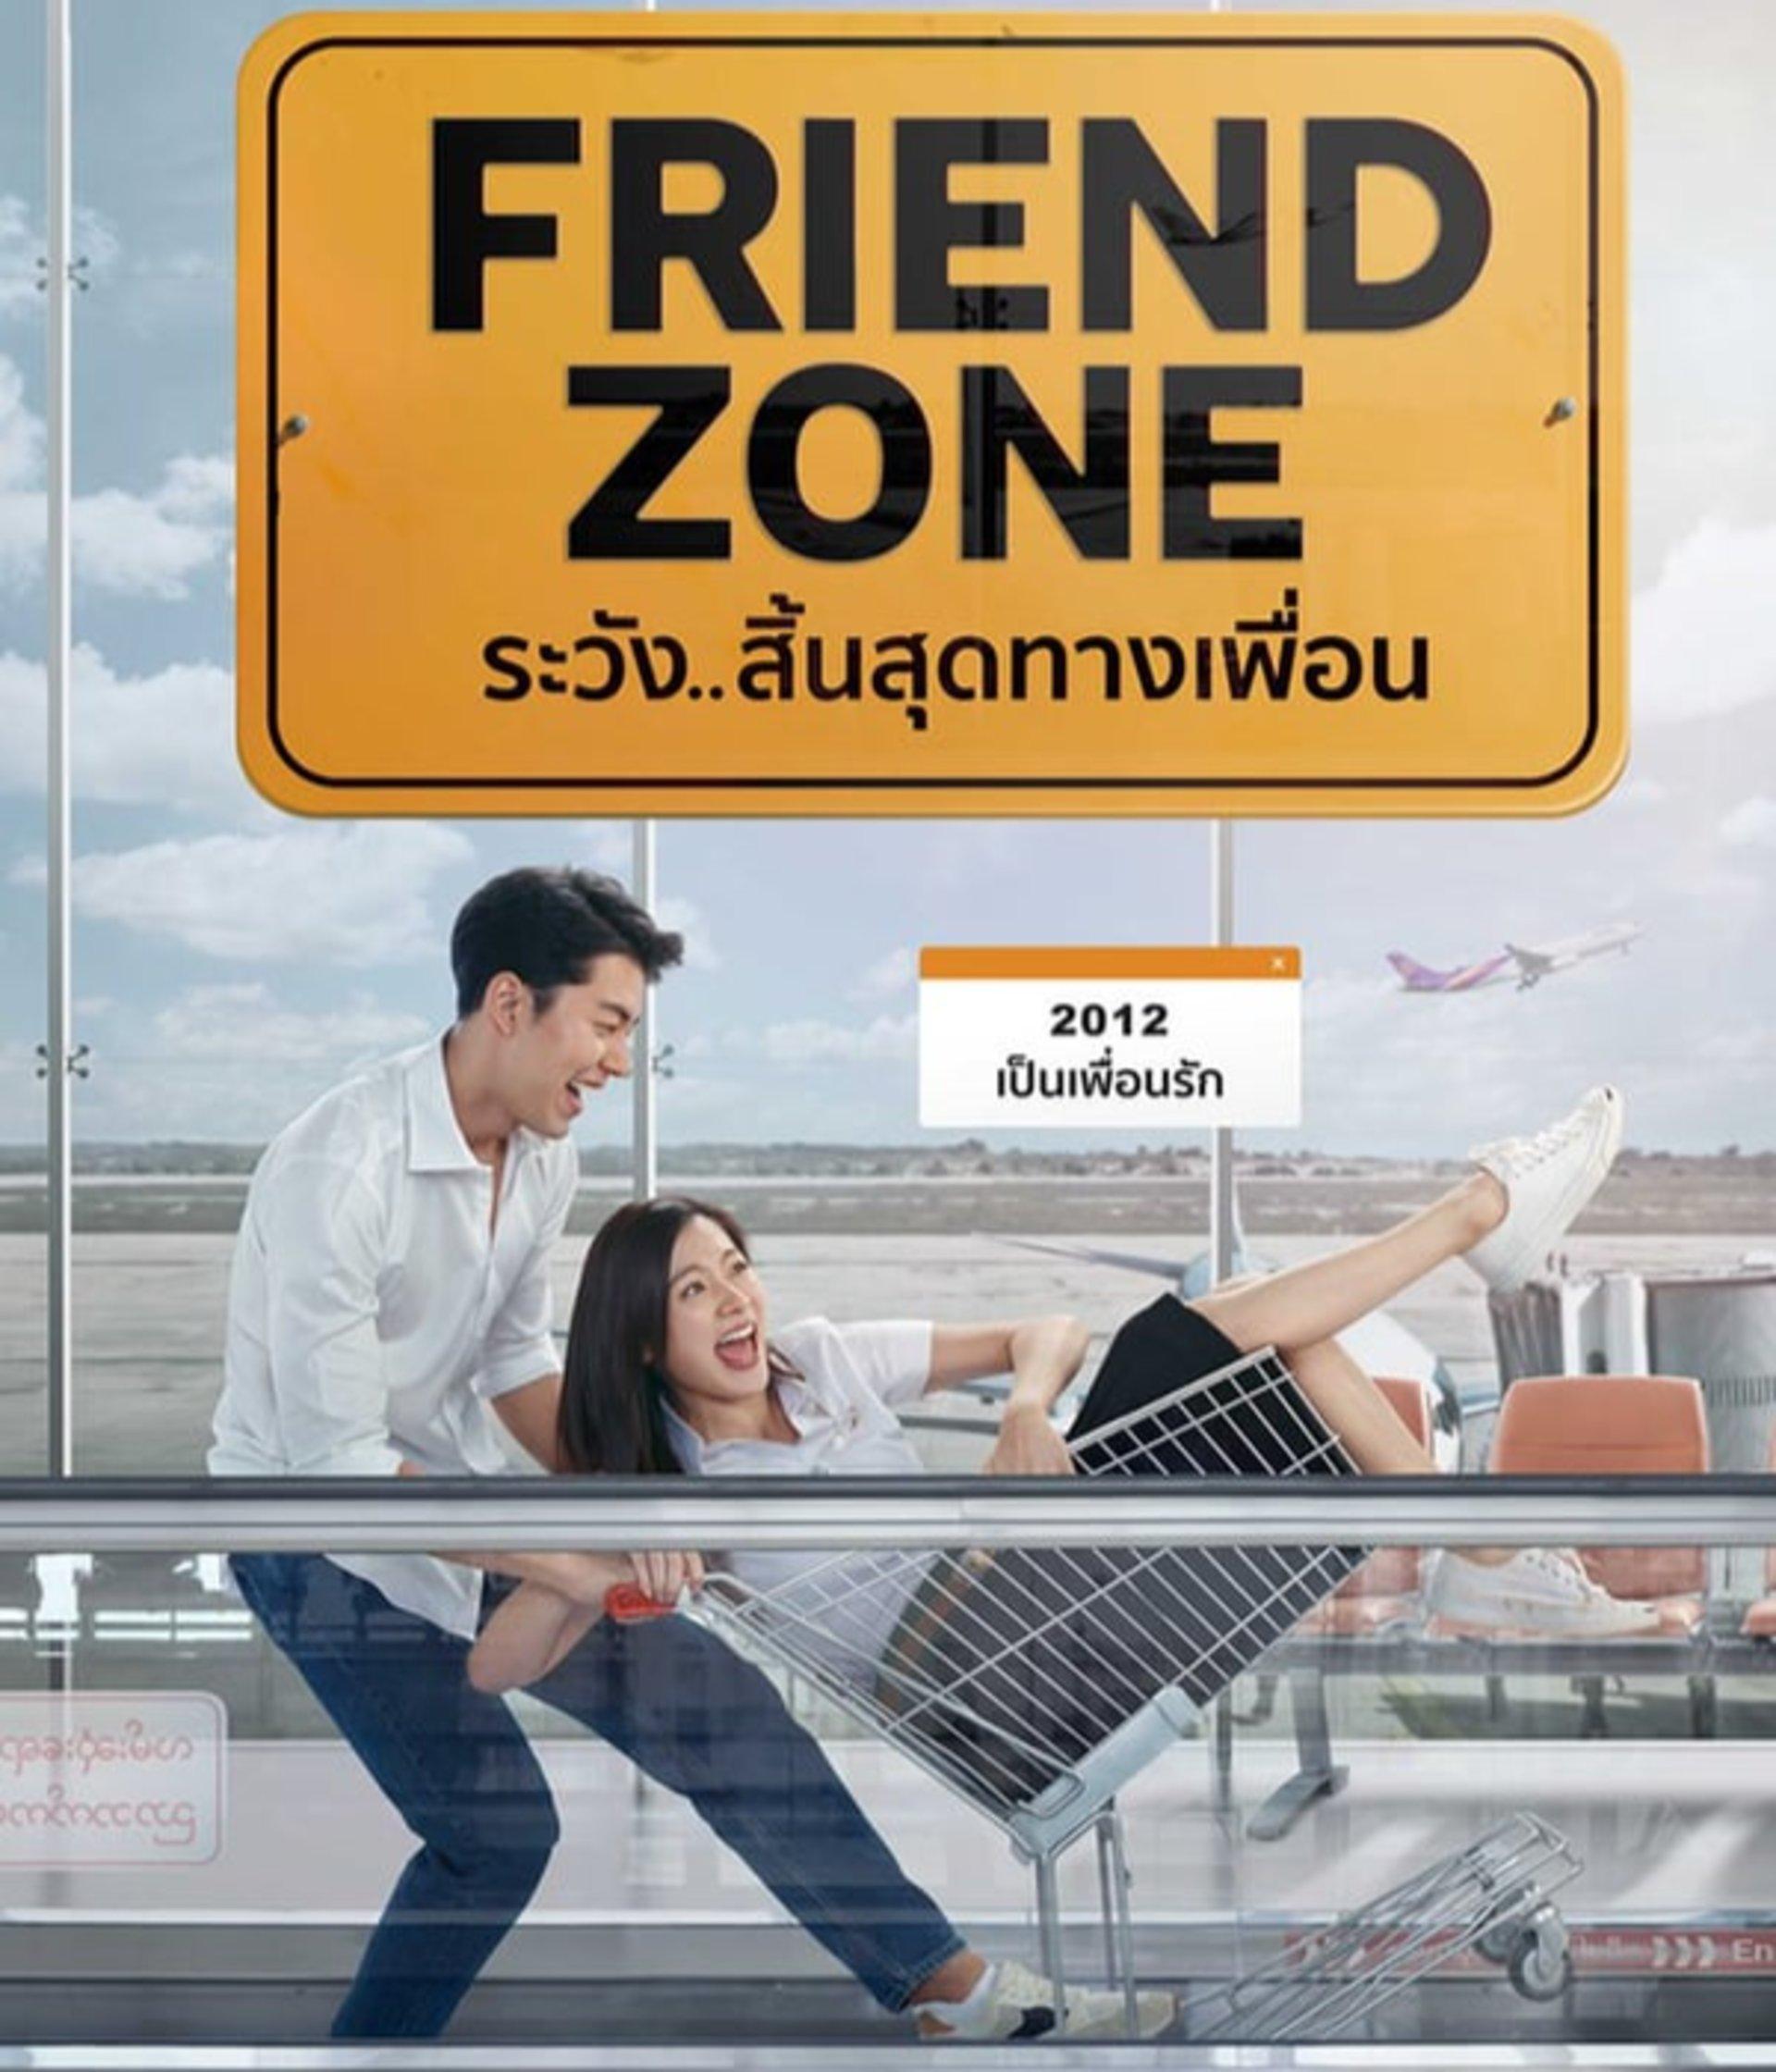 Film Thailand Friend Zone 2019 Quality Bluray Sub Indo Ramesigana Com